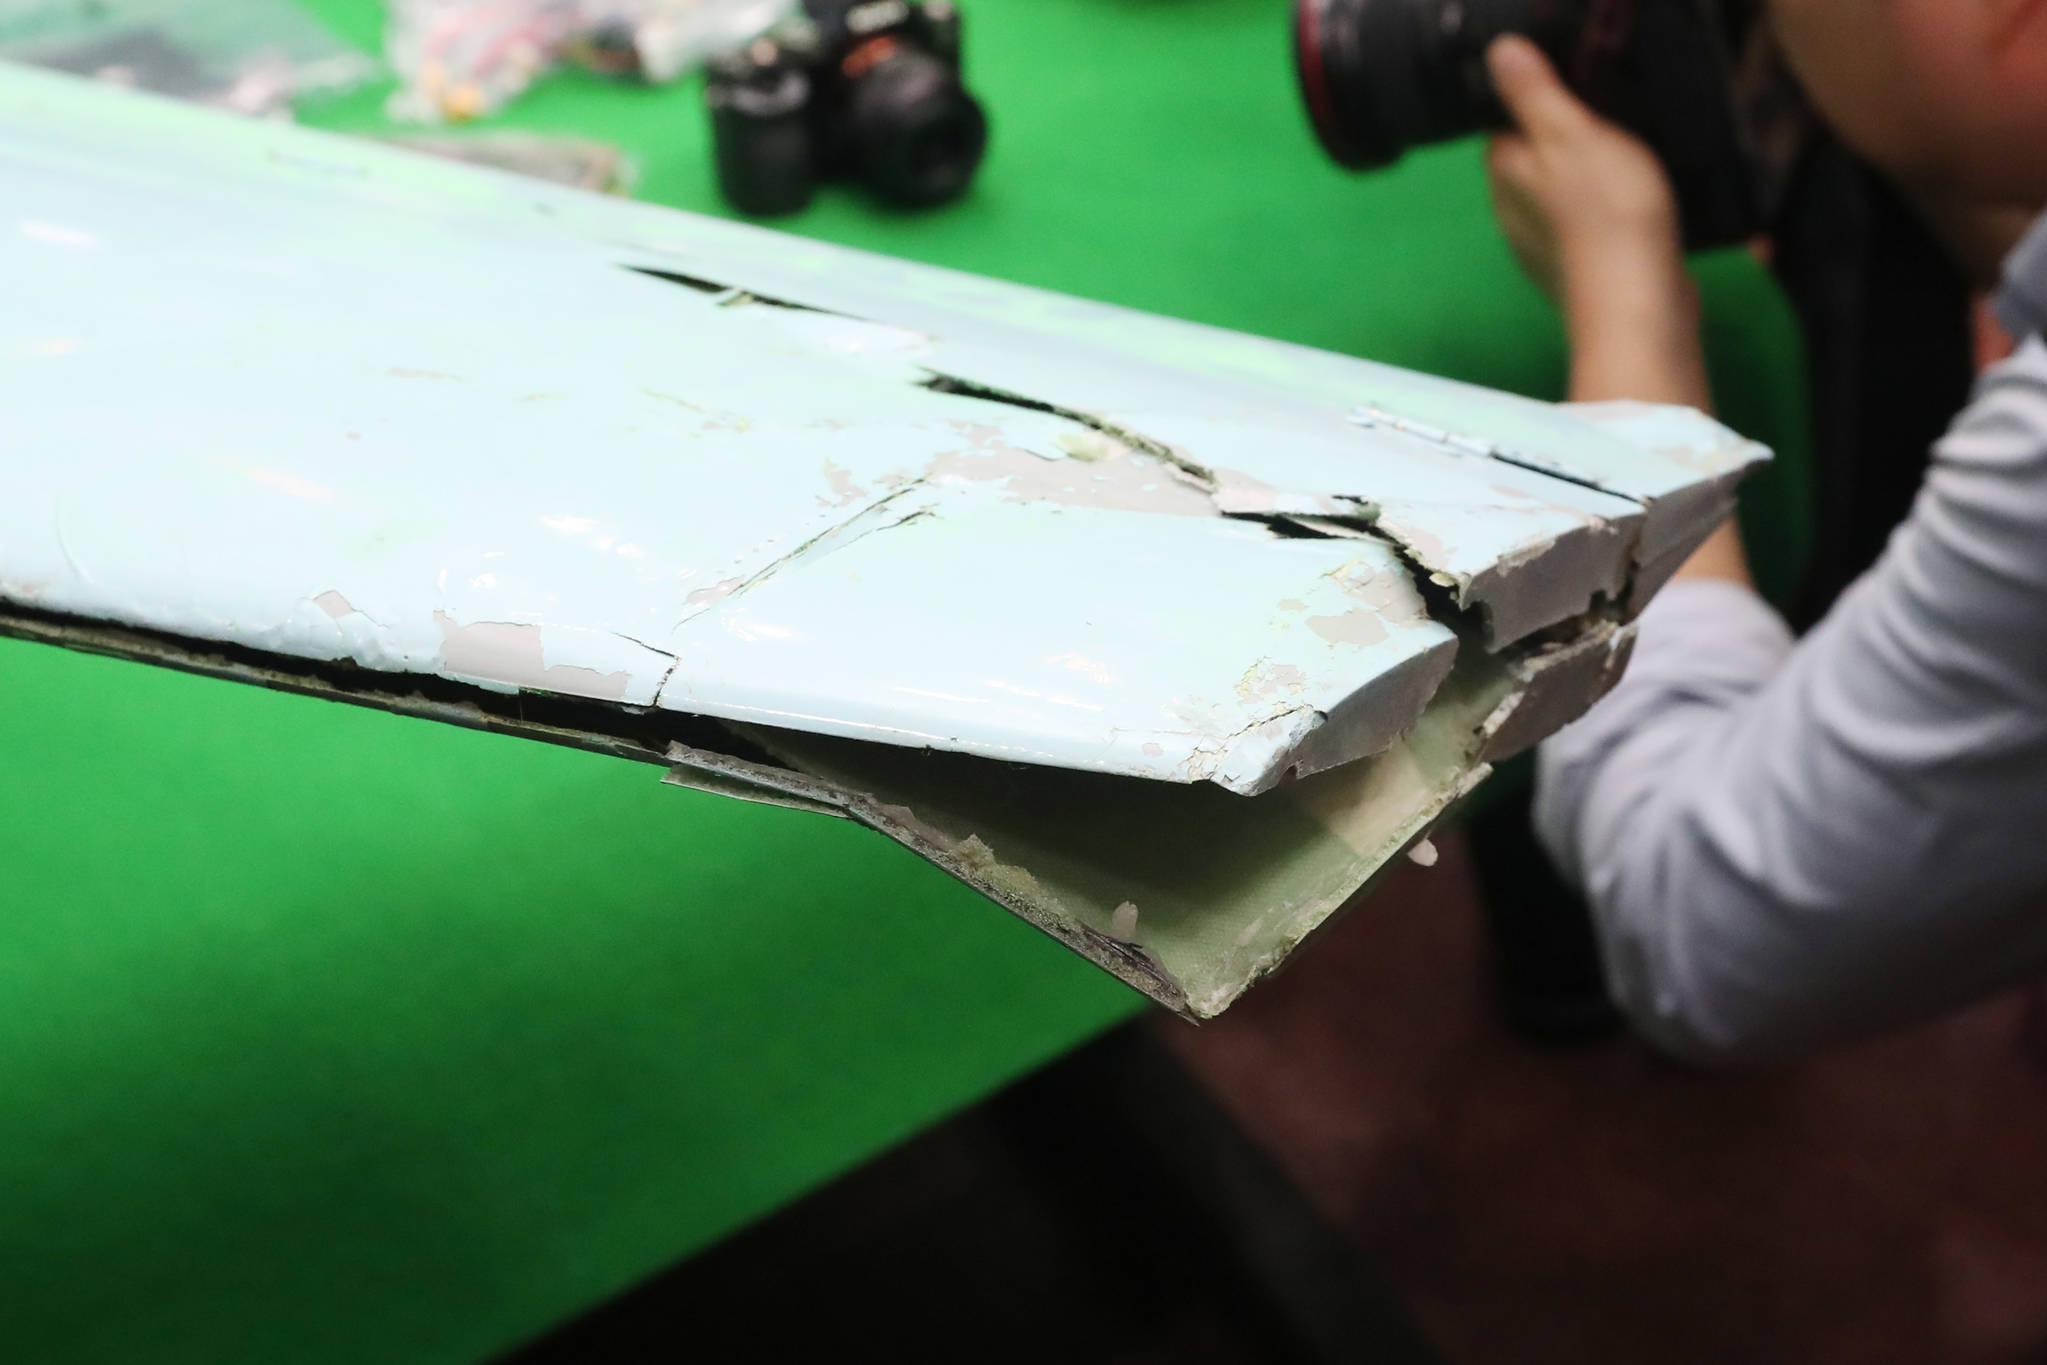 북한 소형 무인기의 왼쪽 날개가 파손된 모습. 김경록 기자